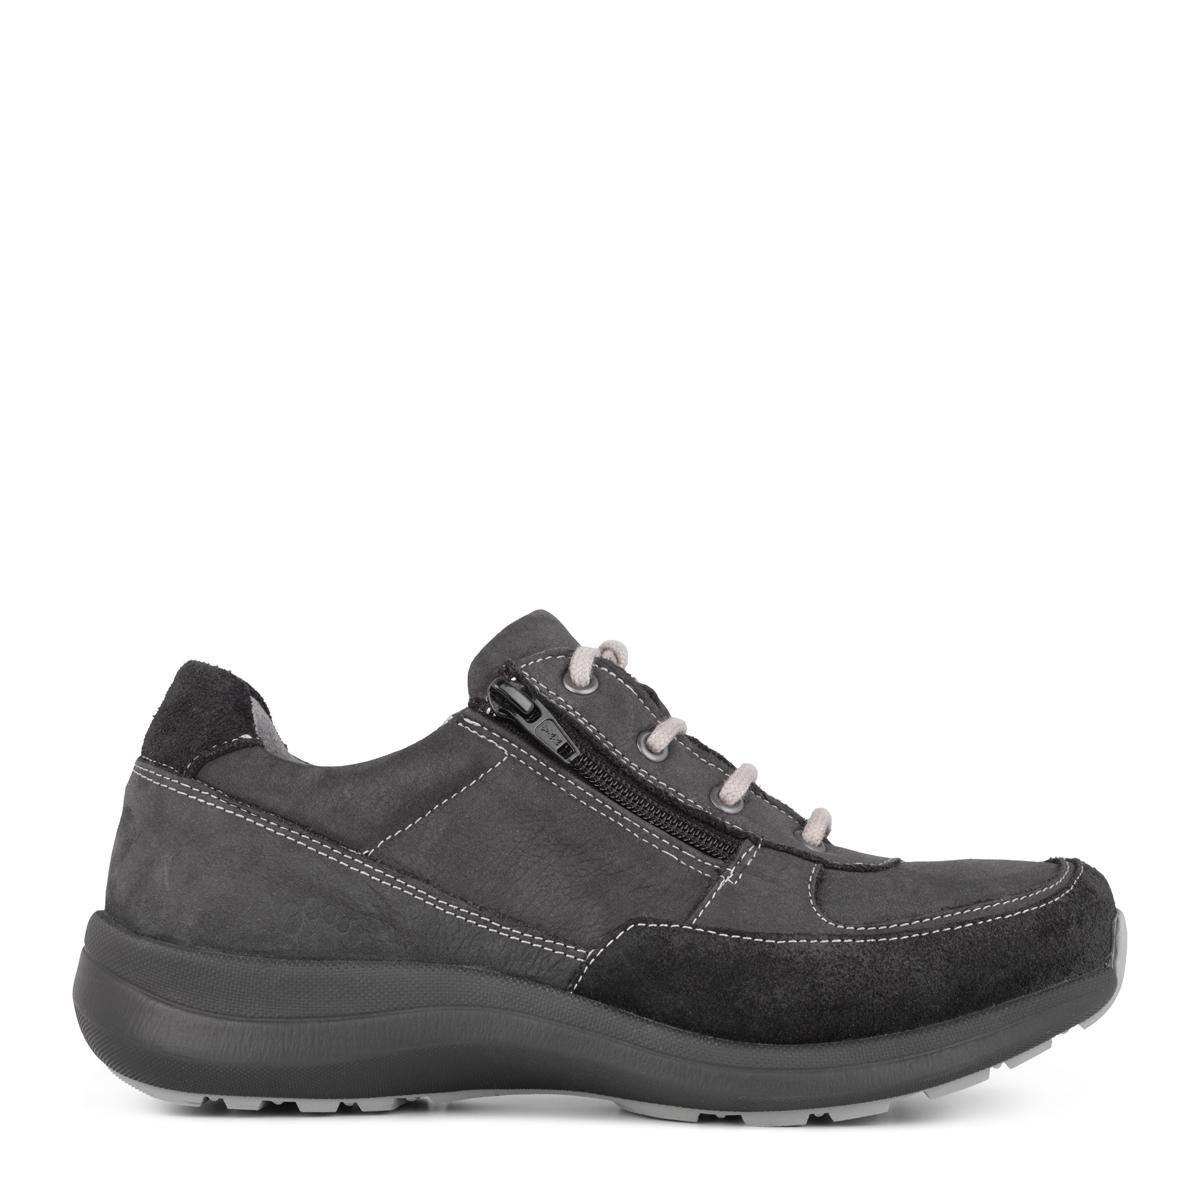 New Feet sporty damesko med lynlås og snørebånd